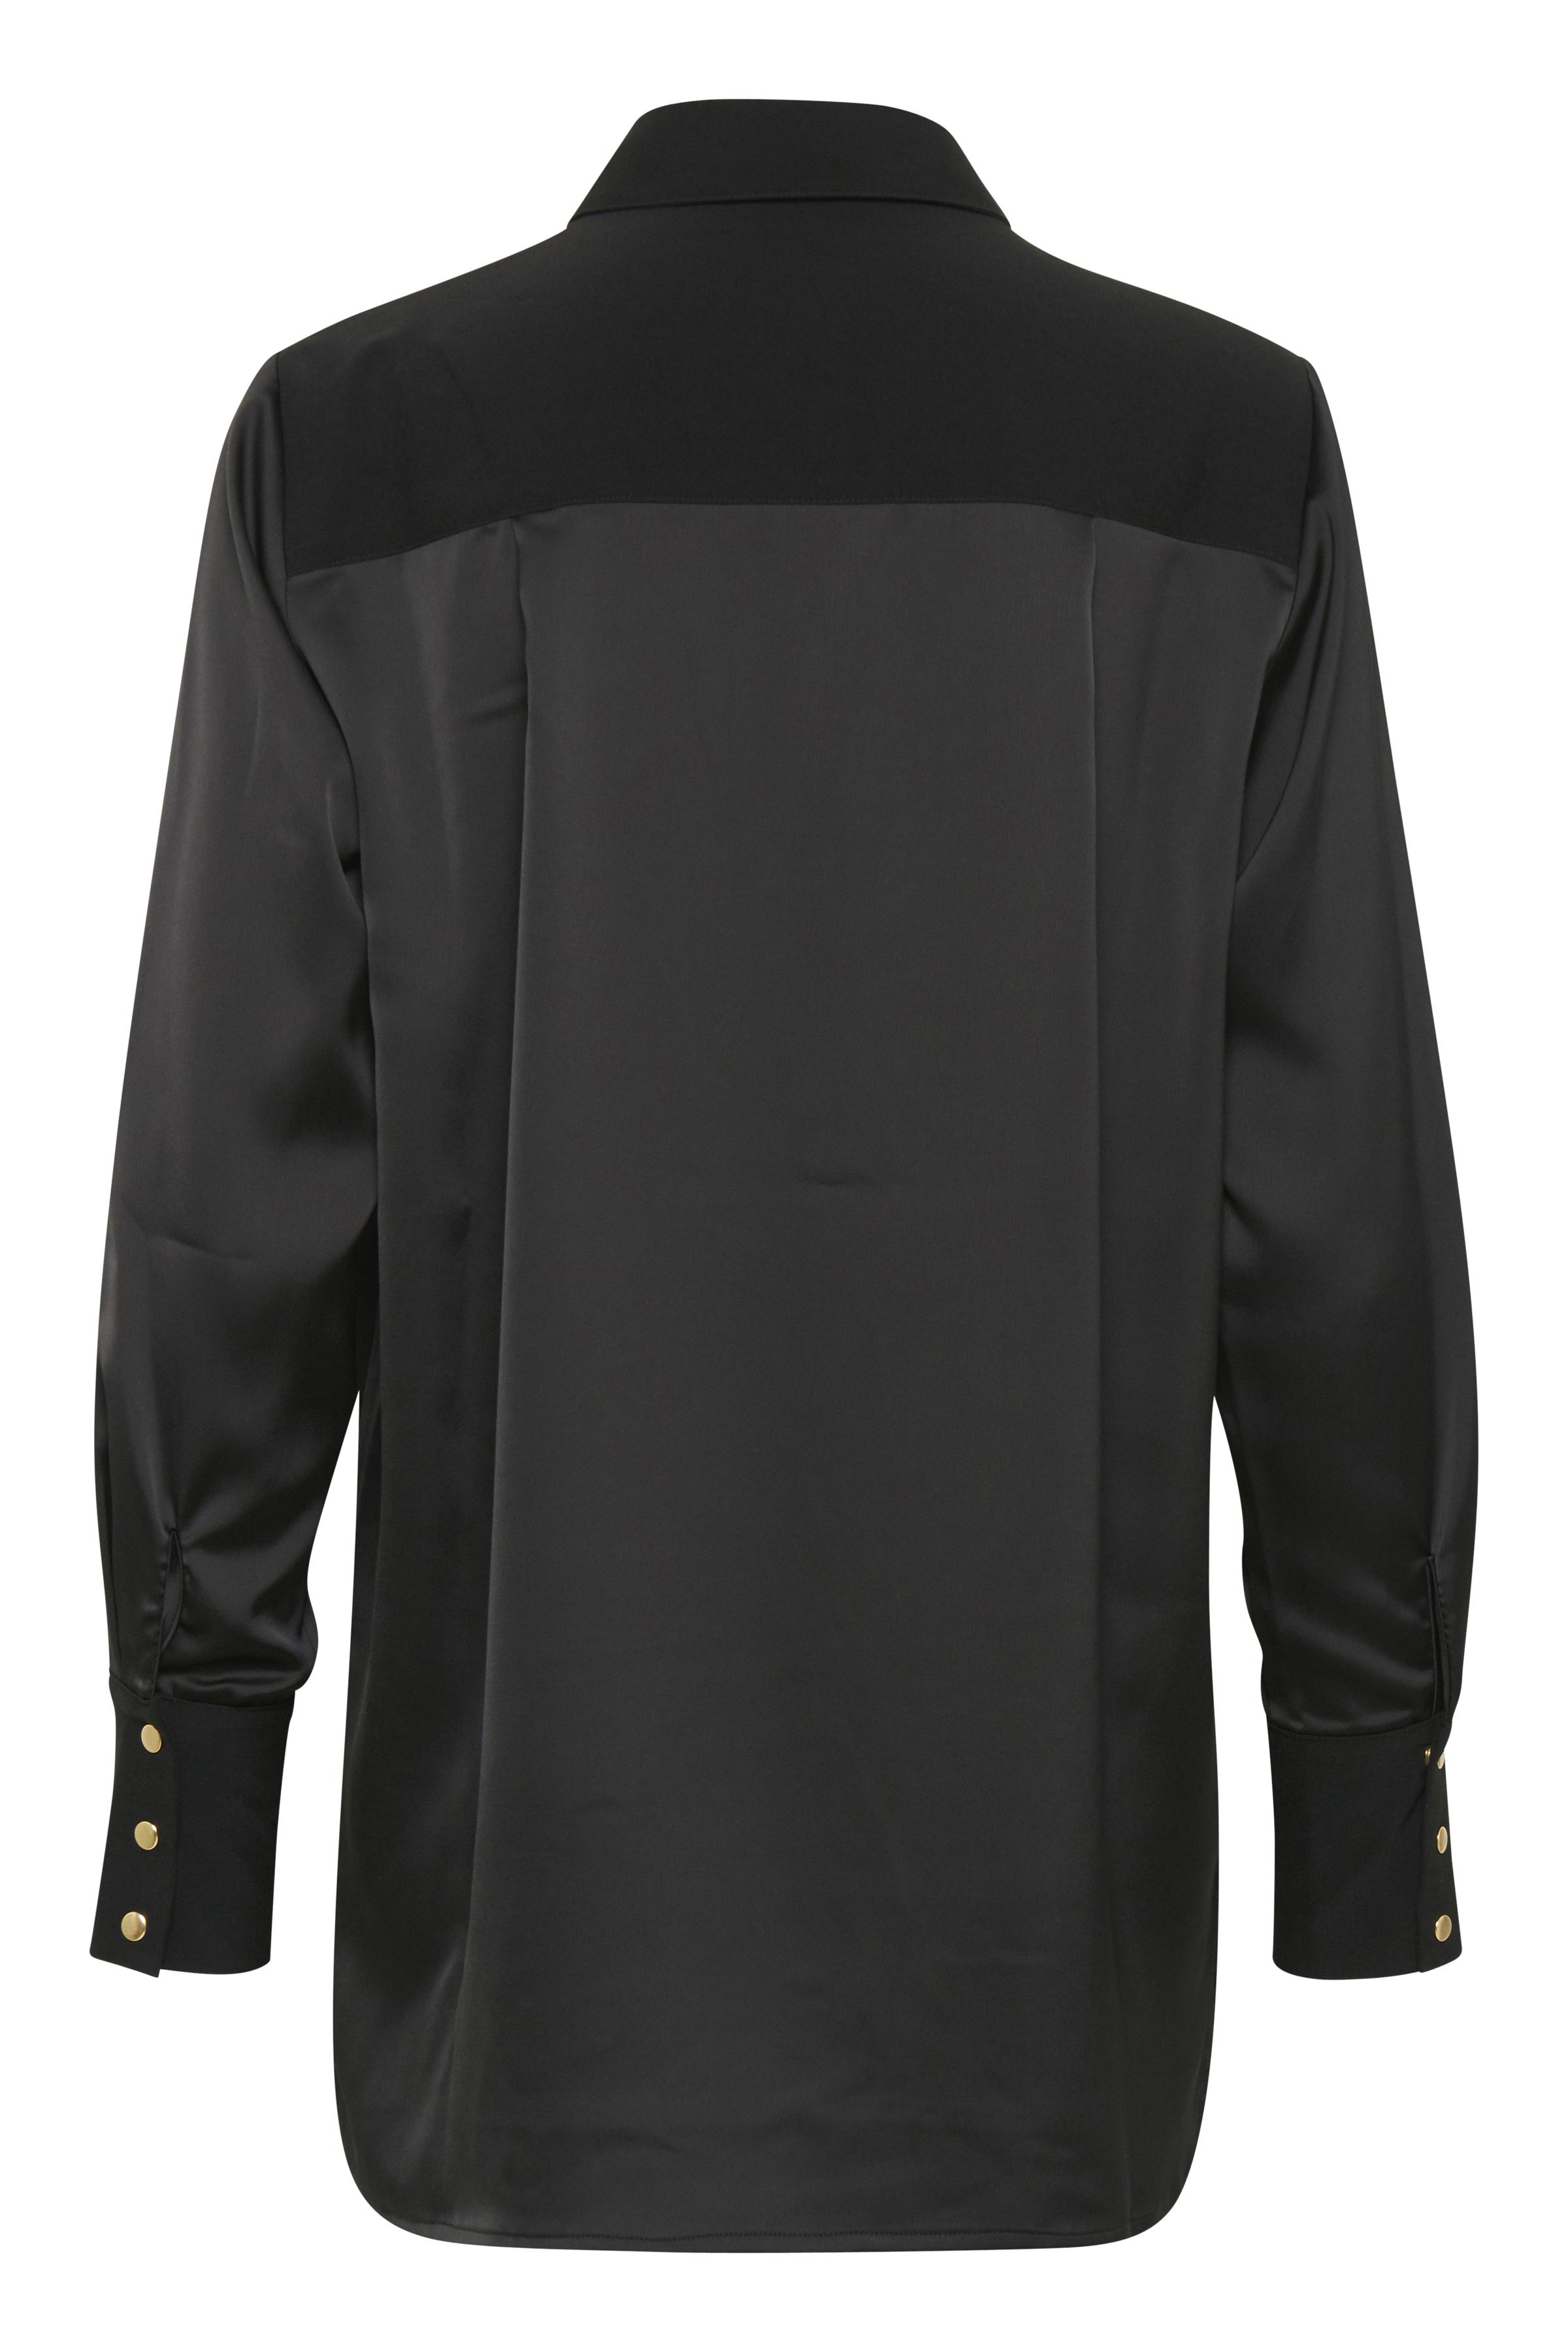 Black Långärmad skjorta från b.young – Köp Black Långärmad skjorta från storlek 36-46 här